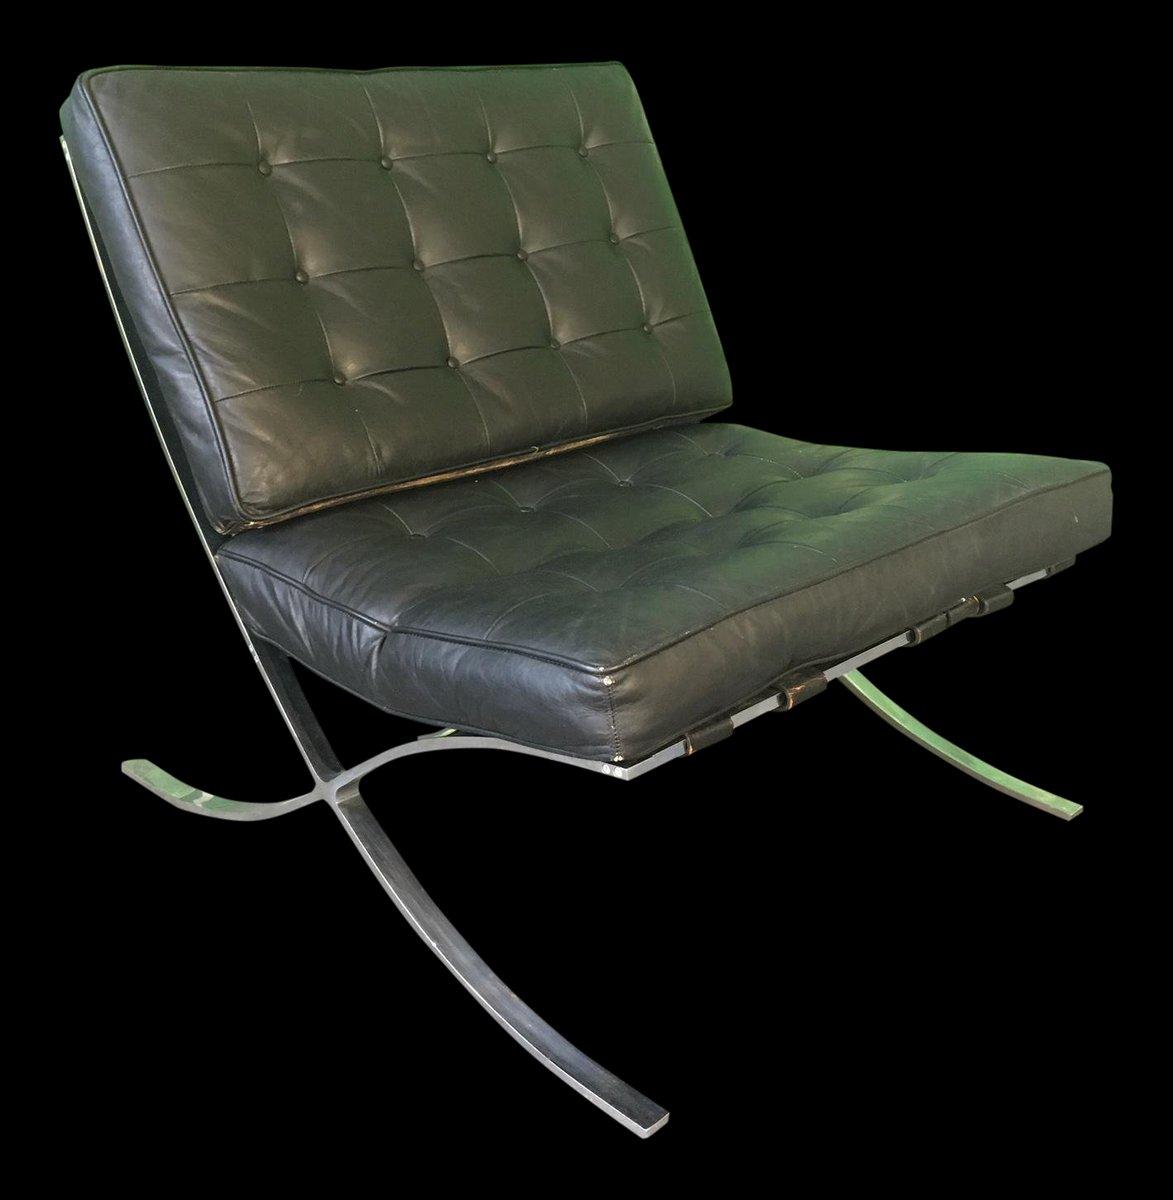 Chaise barcelona en cuir noir par ludwig mies van der rohe 1970s en vente sur pamono - Mies van der rohe chaise ...